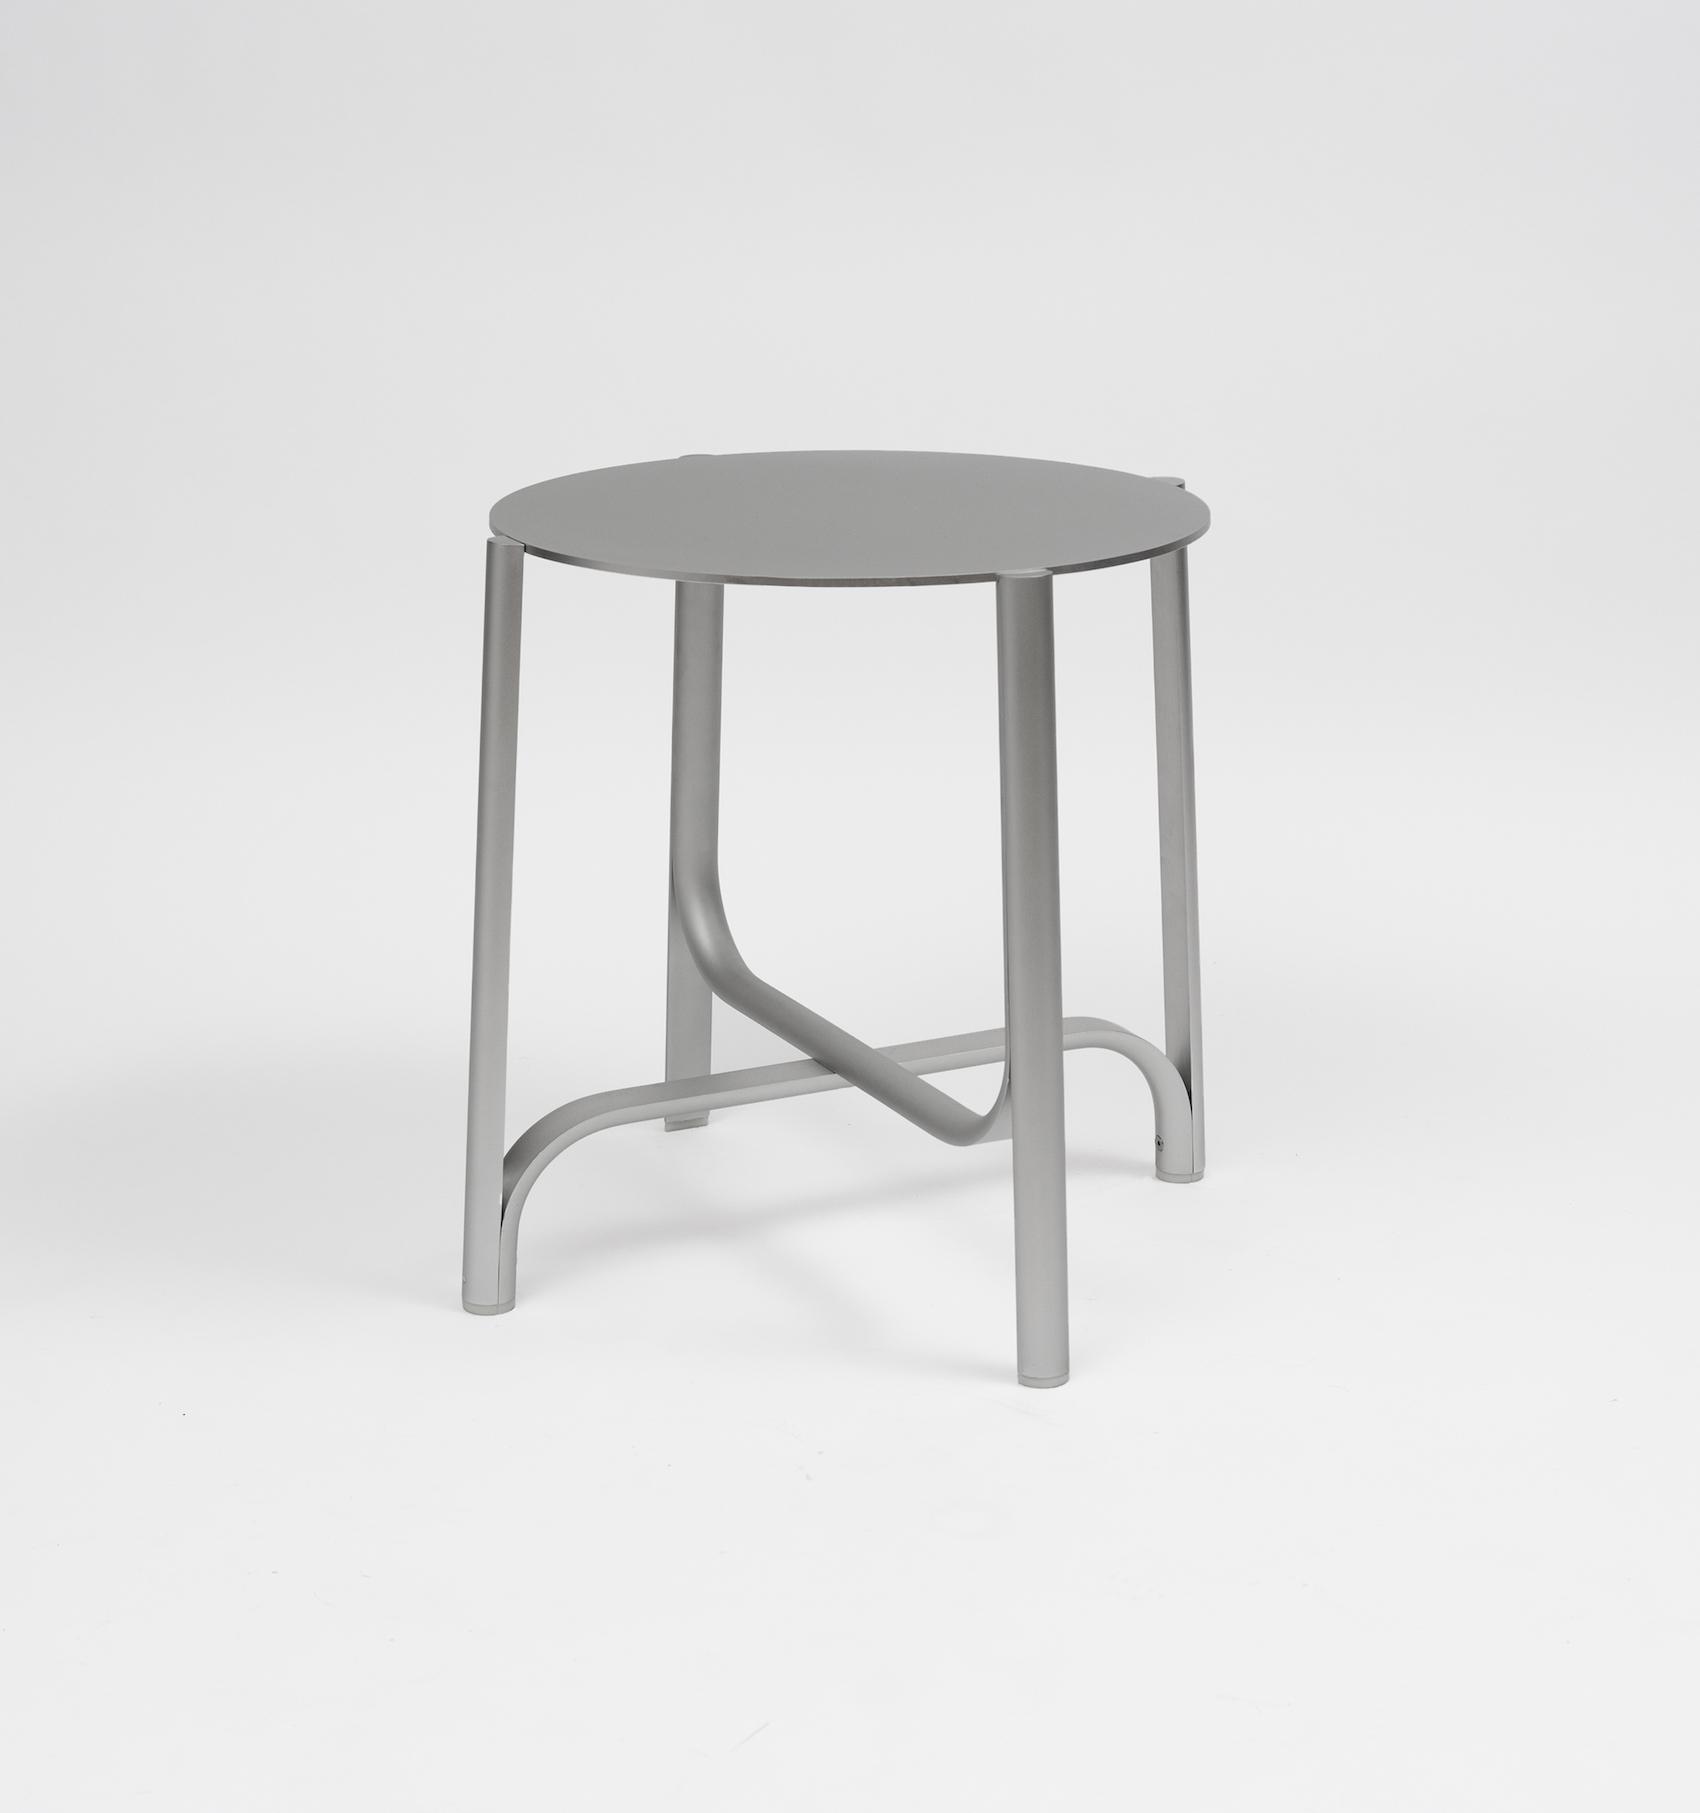 401 Minimalist Table by Jamie Wolfond